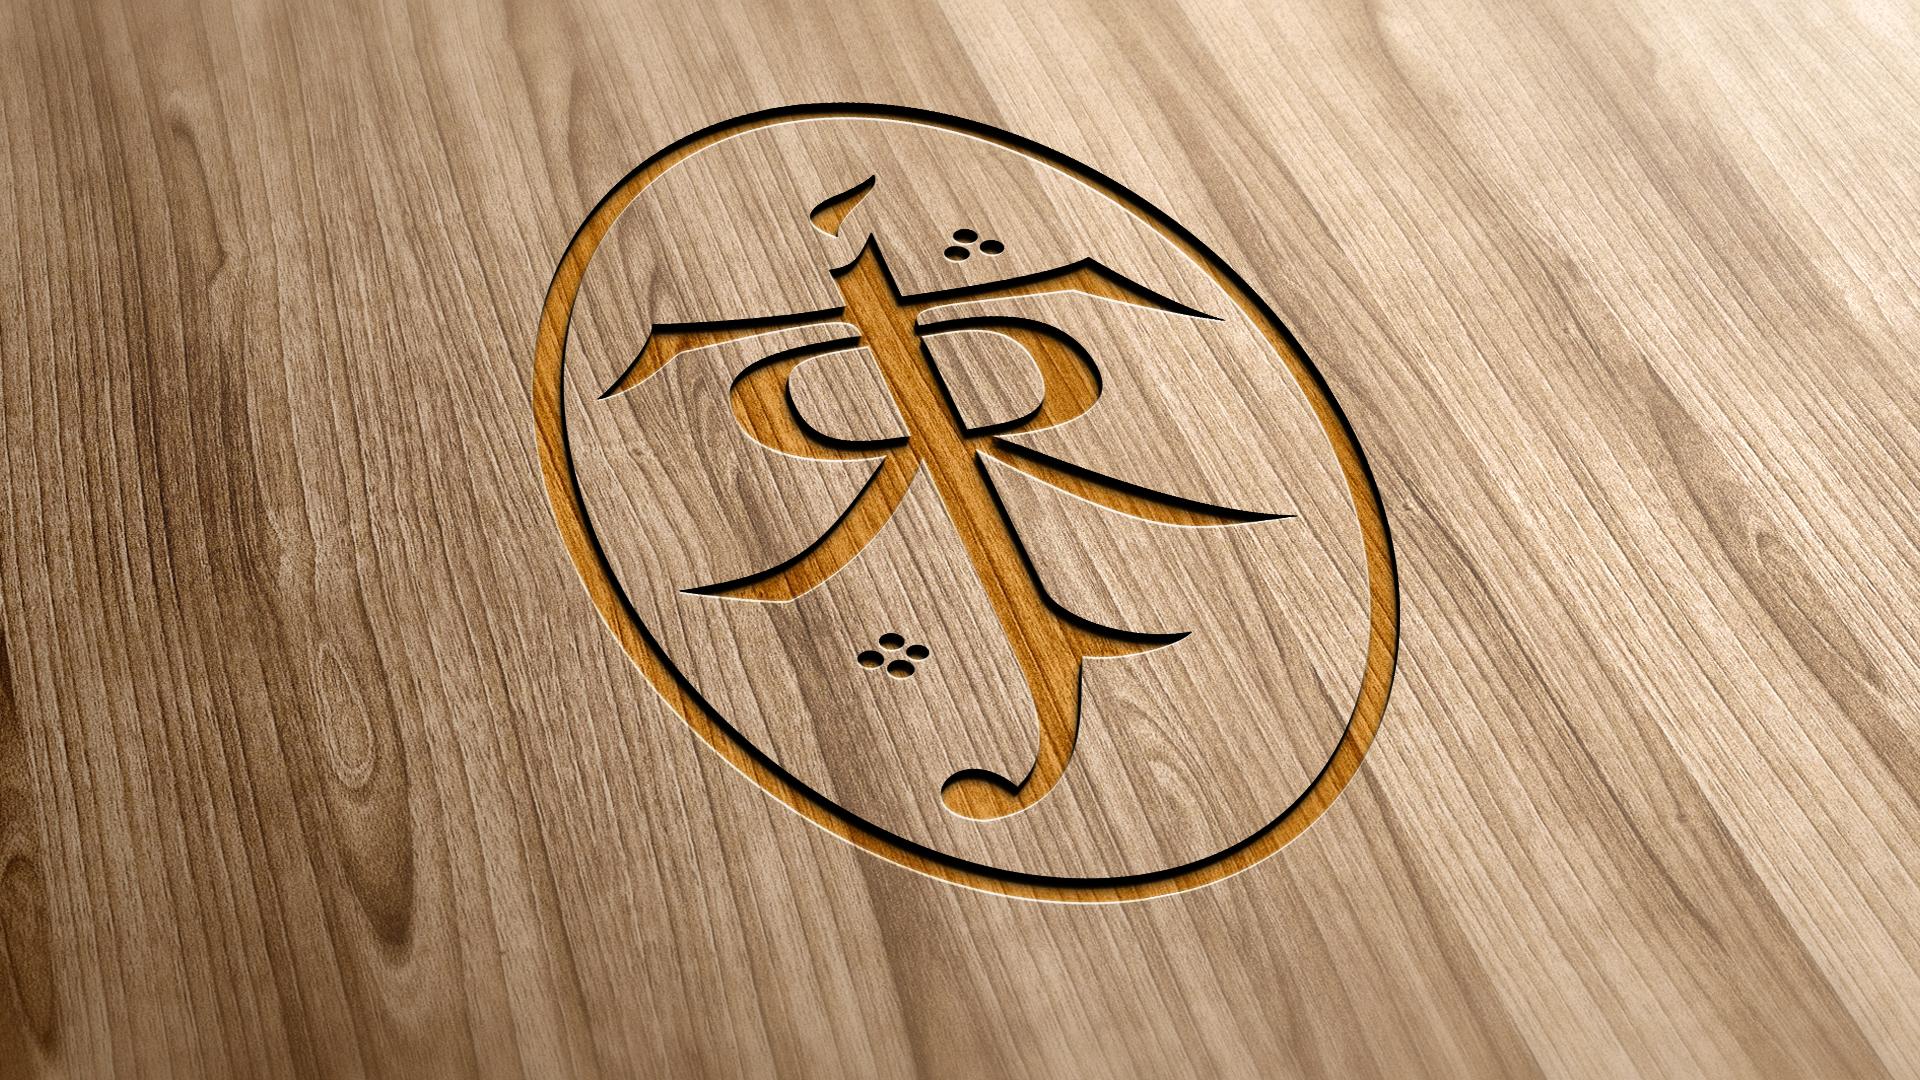 Jrr Tolkiens Symbol Gold Varient By Dapence On Deviantart